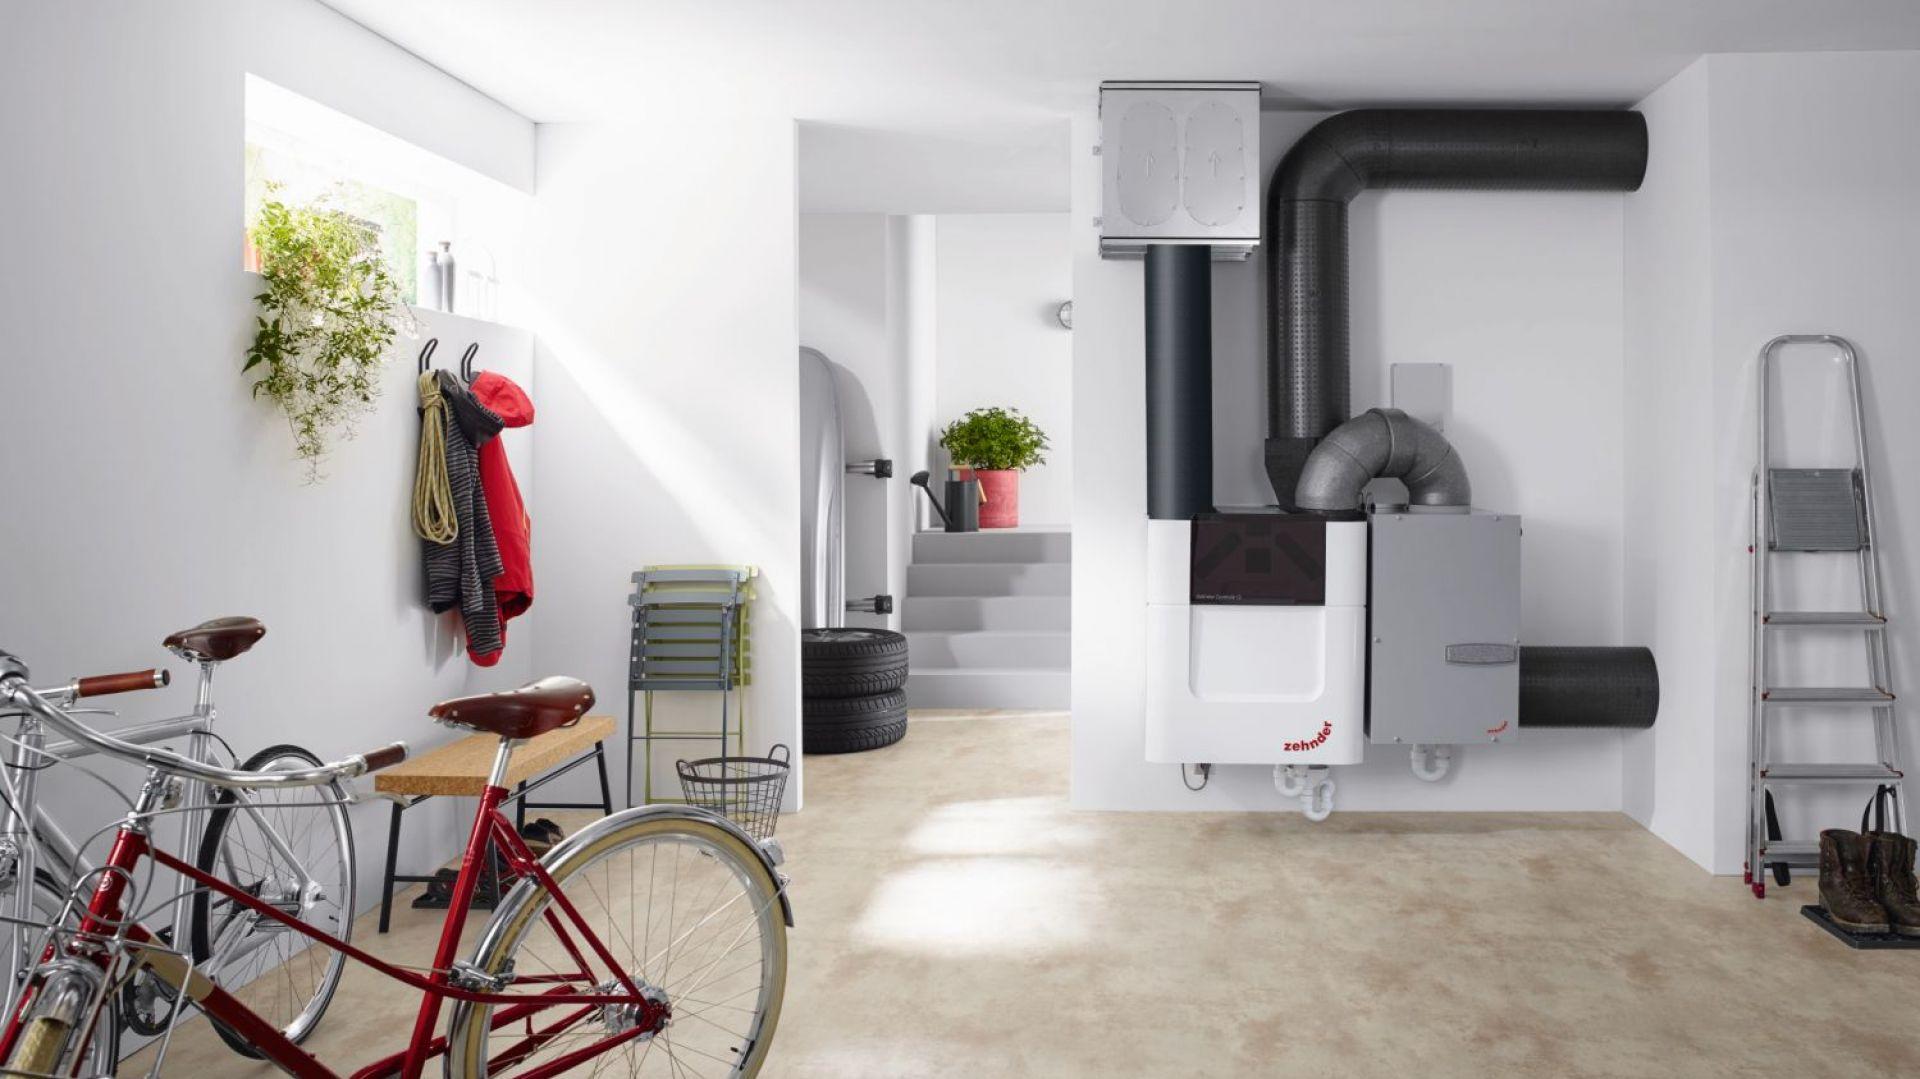 Centralę wentylacyjną nowej generacji Comfo AIR Q600 ST wyróżnia wysoka wydajność, efektywność energetyczna, estetyka i cicha praca. Fot. Zehnder